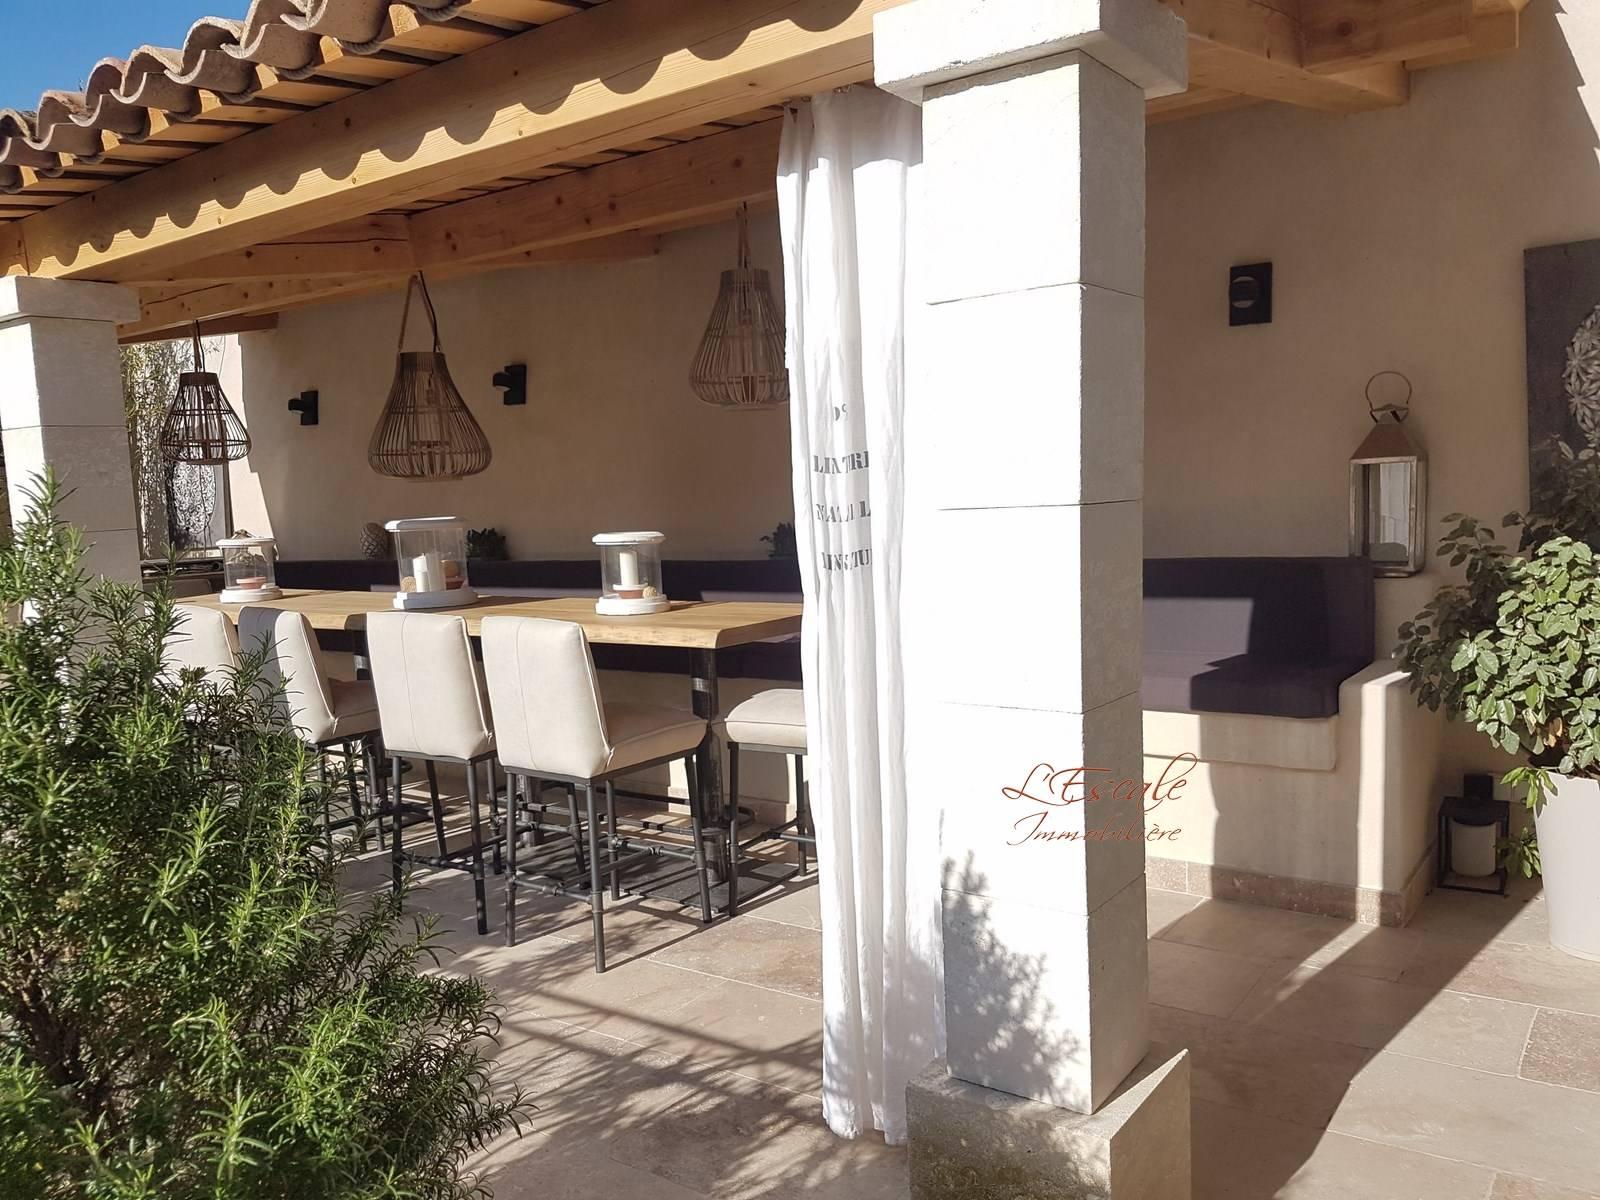 Maison de village T7 Robion au coeur du vieux village, belle maison en pierre avec cour intérieure terrasse et garage